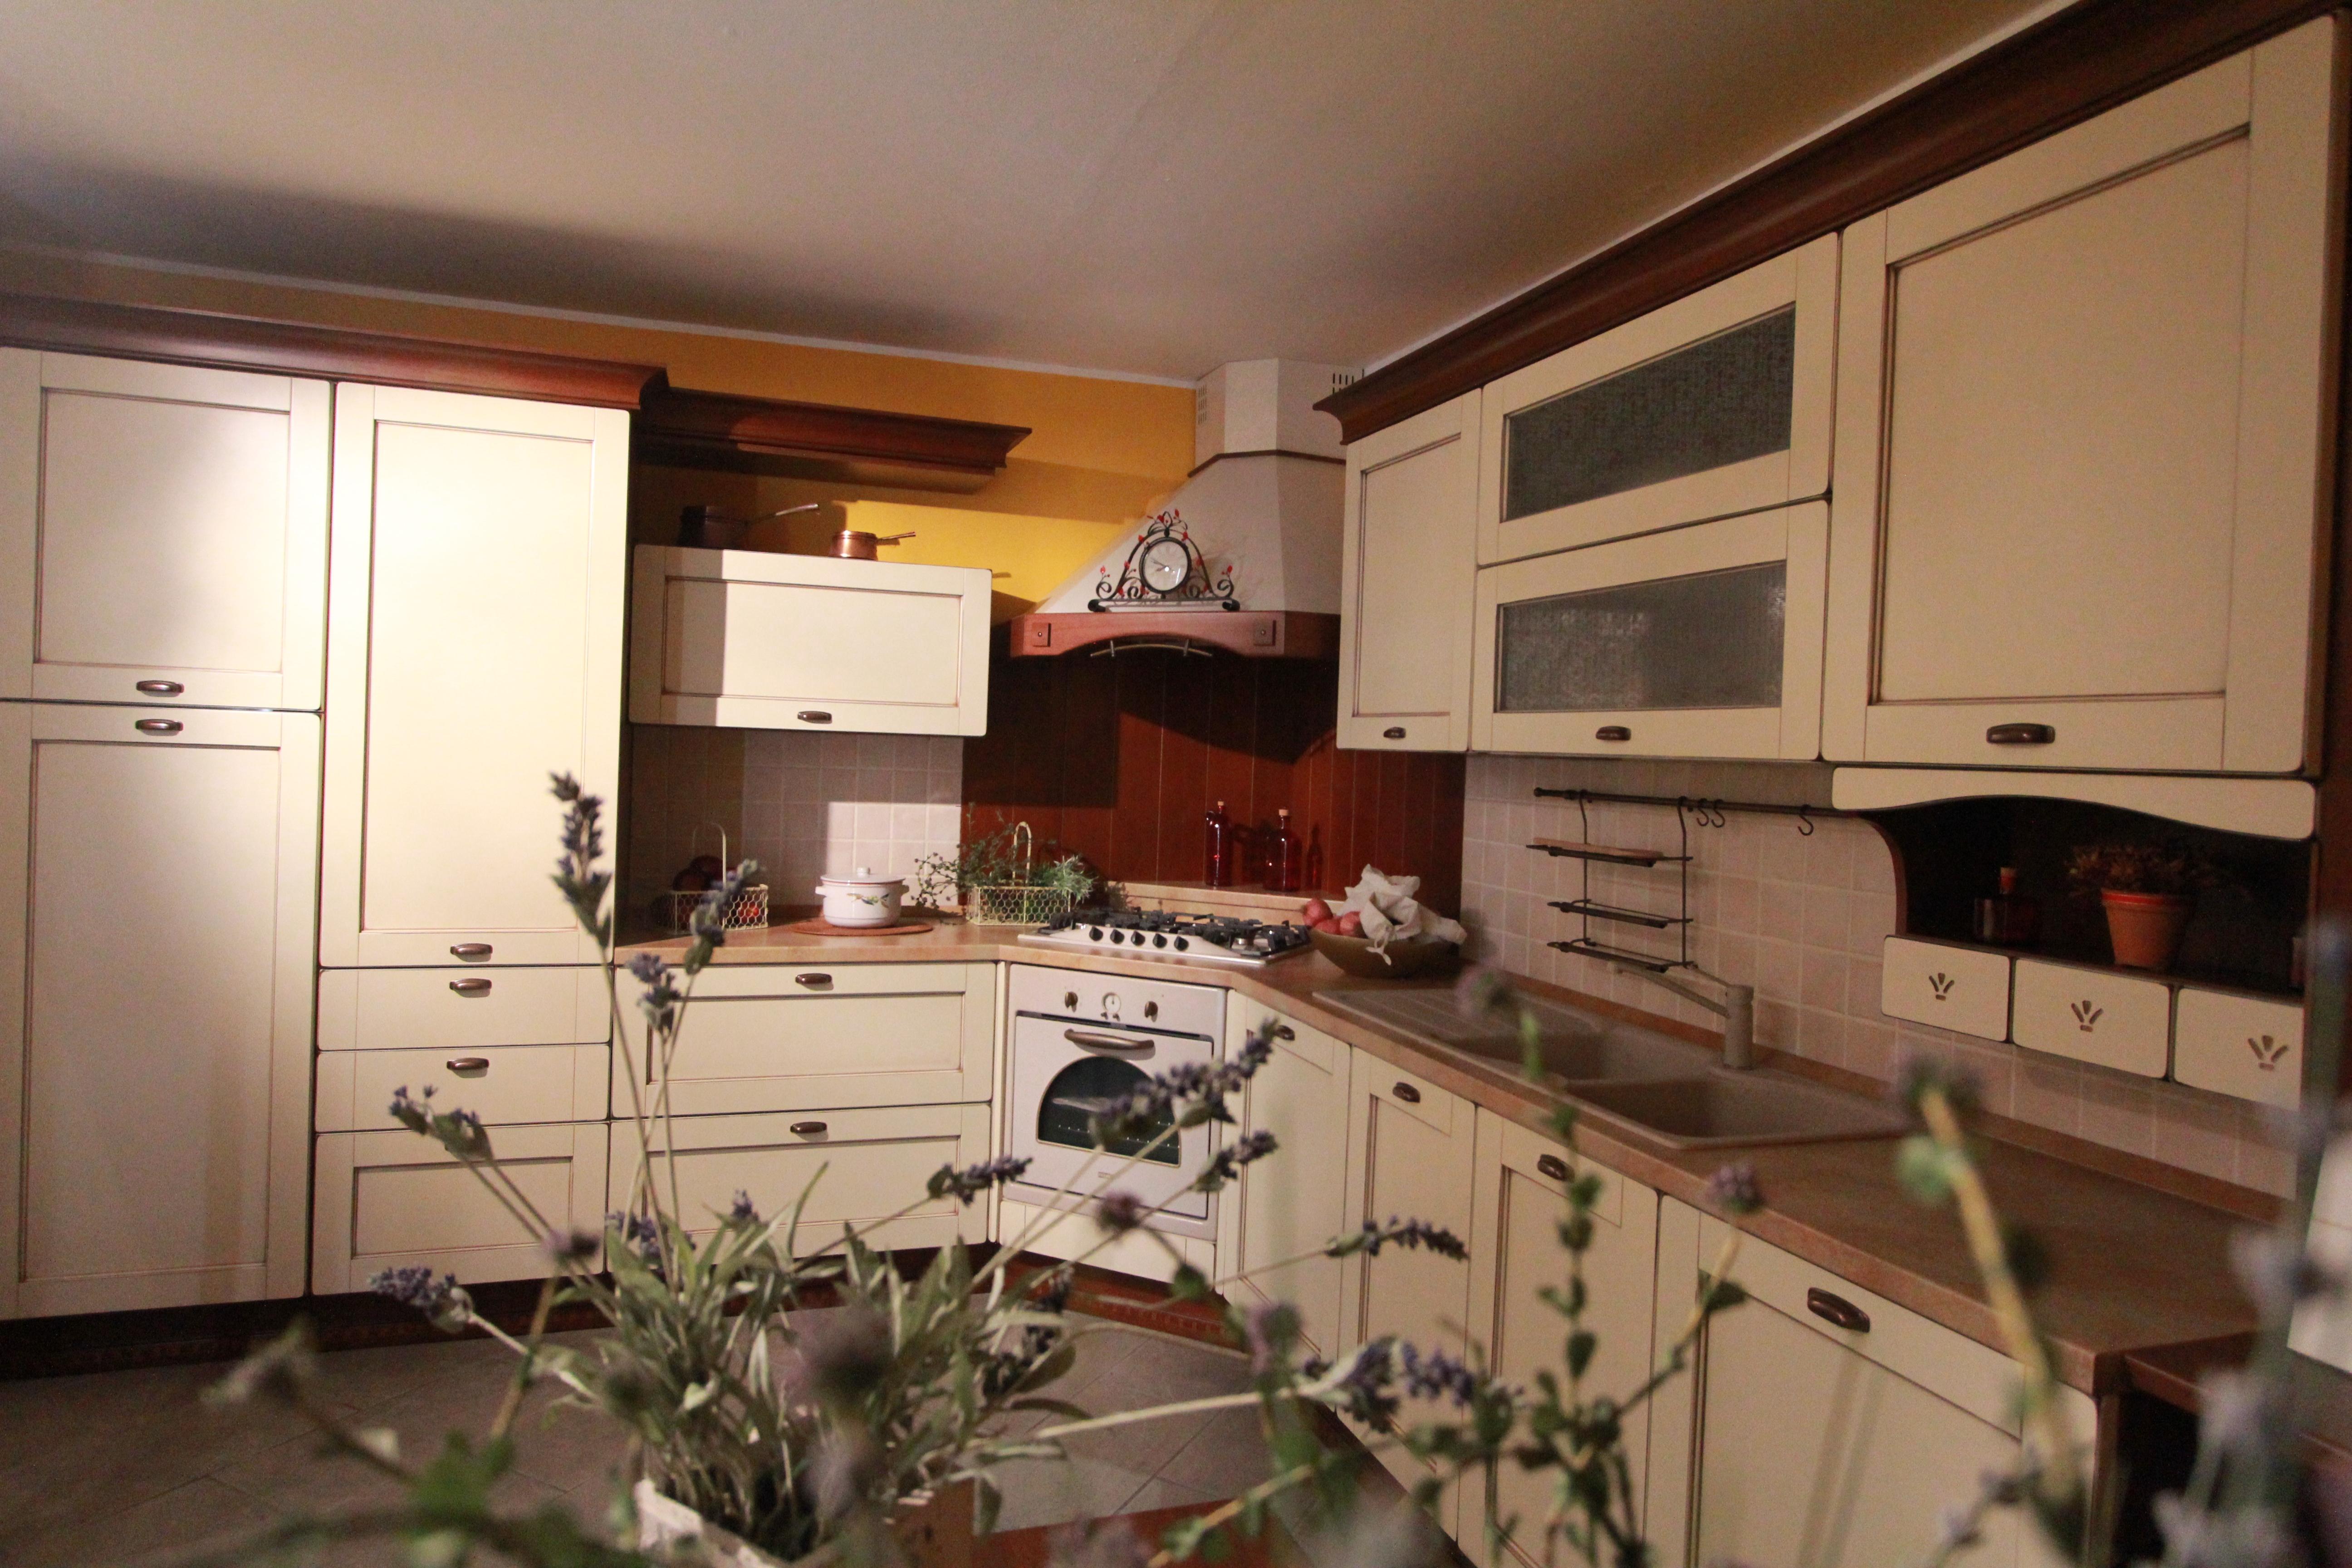 CUCINA PROVENZA - Cucine a prezzi scontati